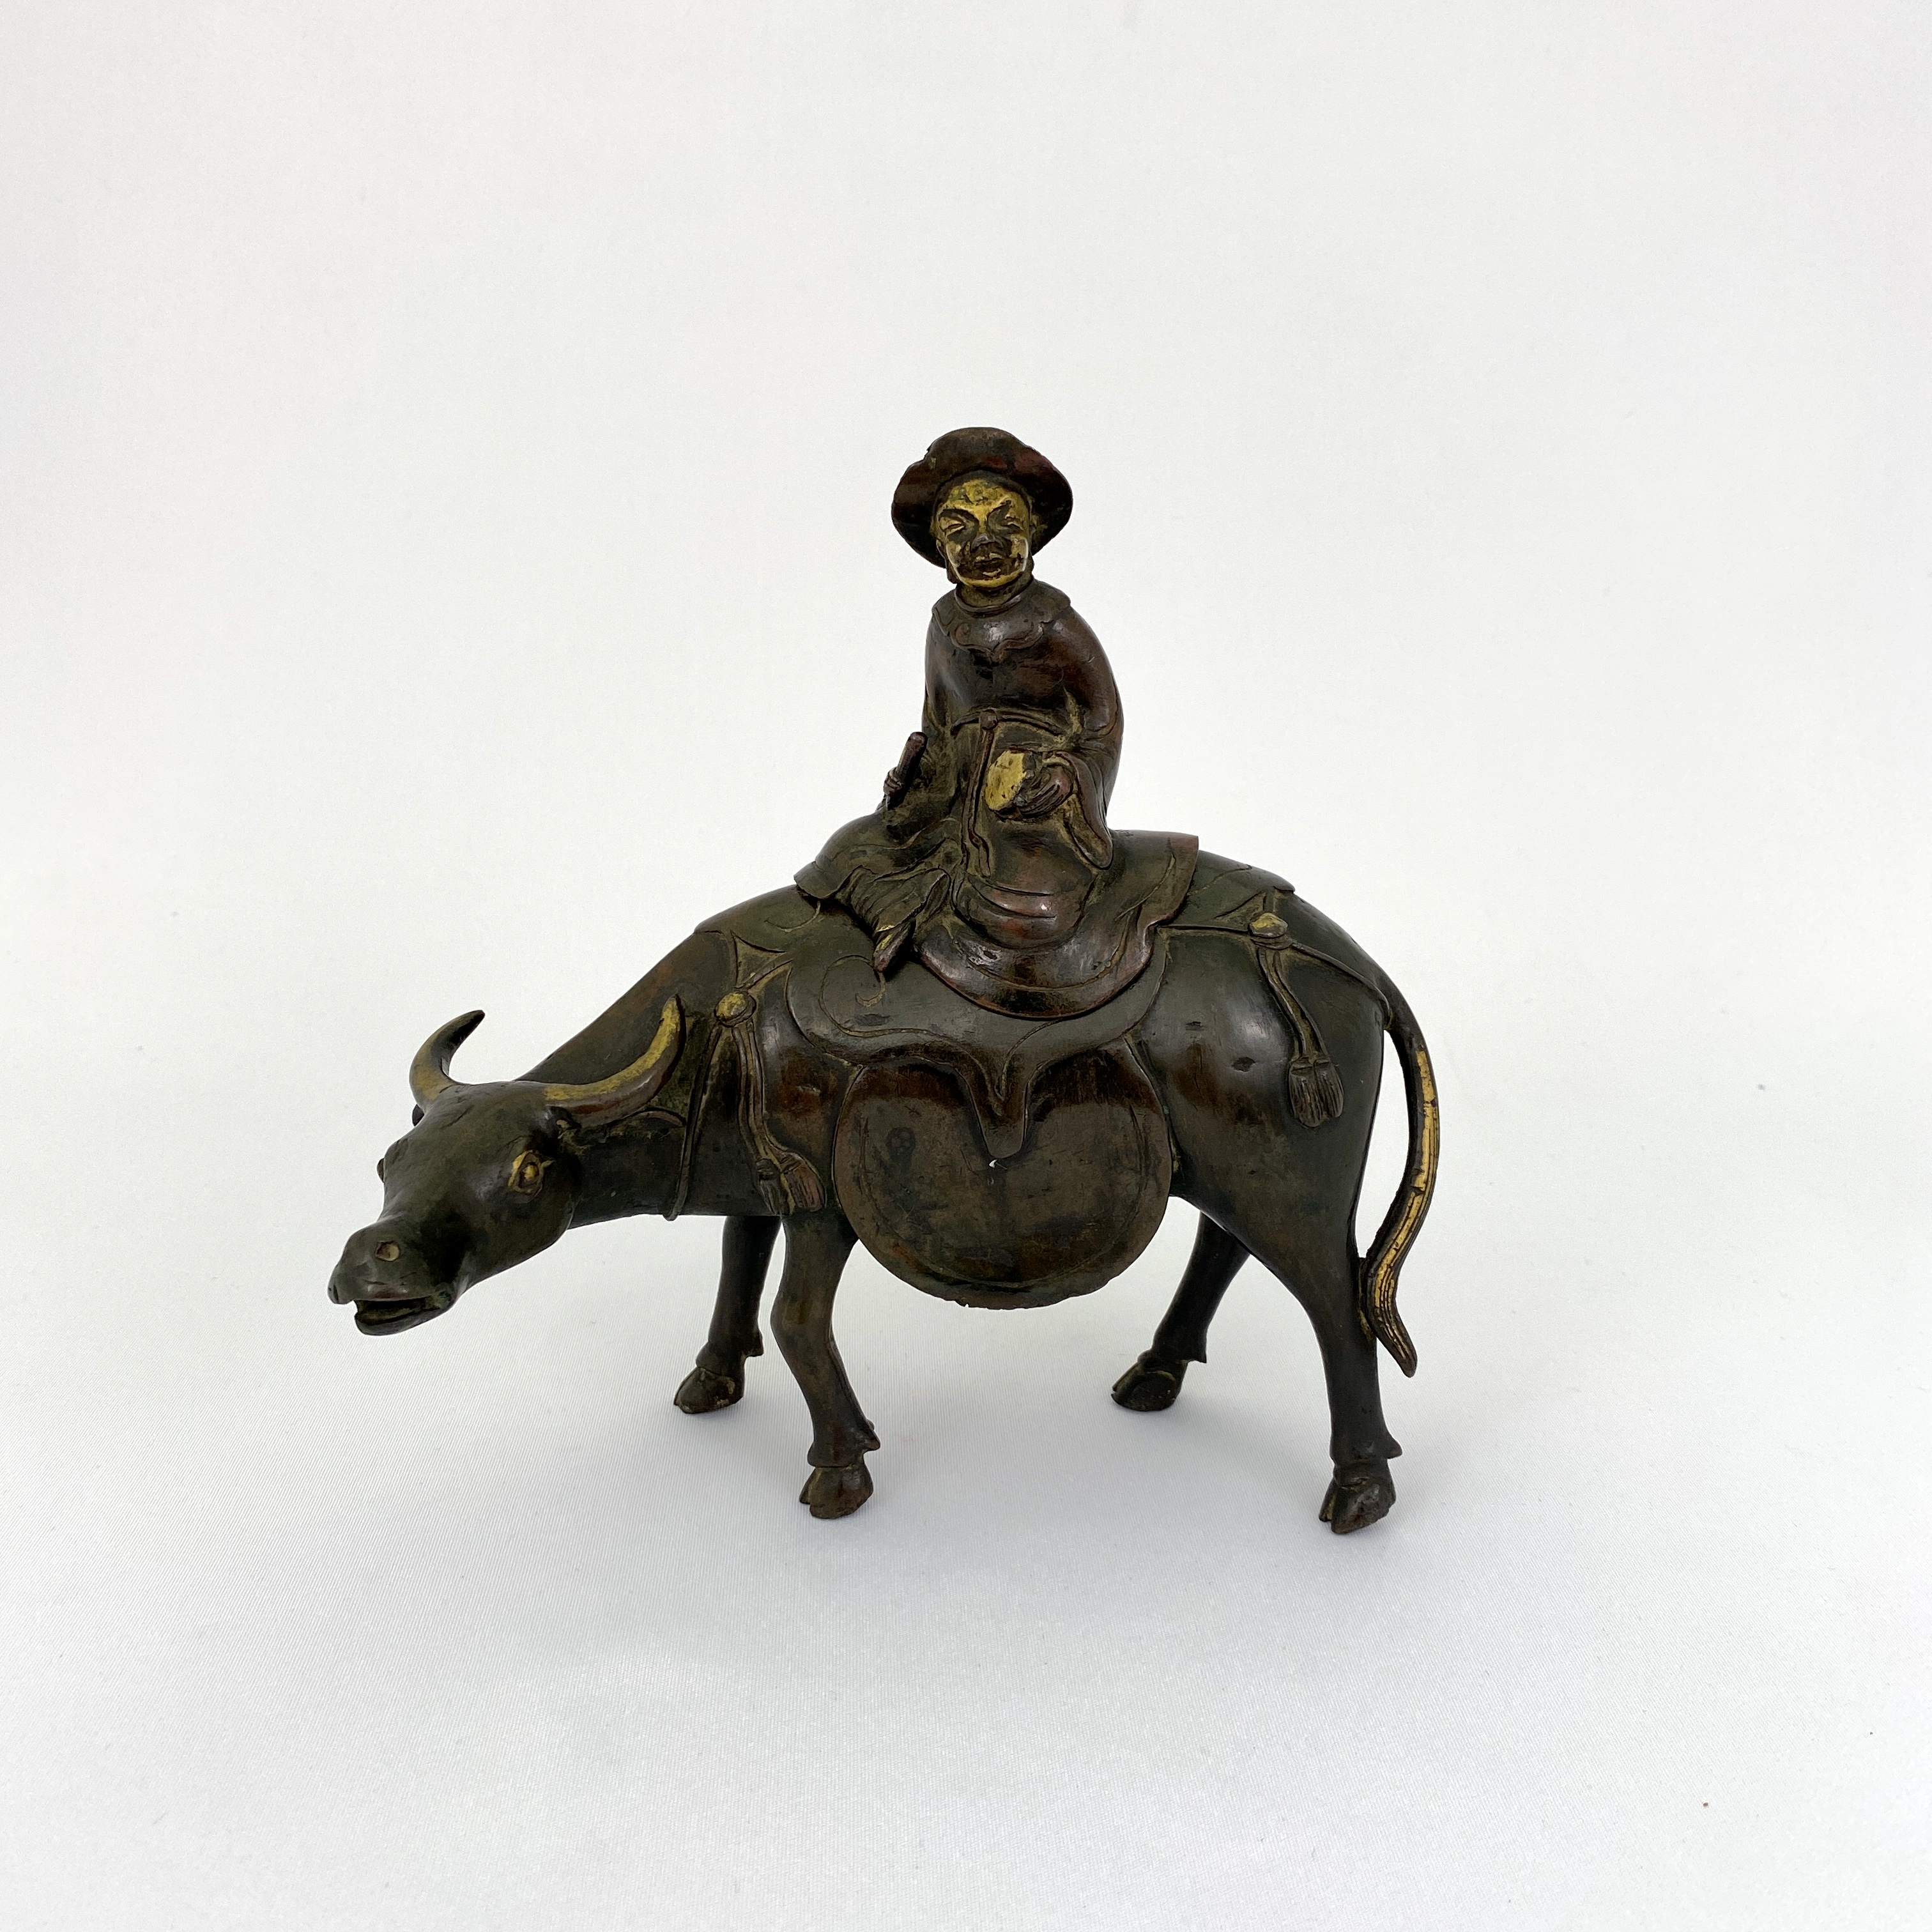 10230明 銅漆彩 騎牛人物香爐